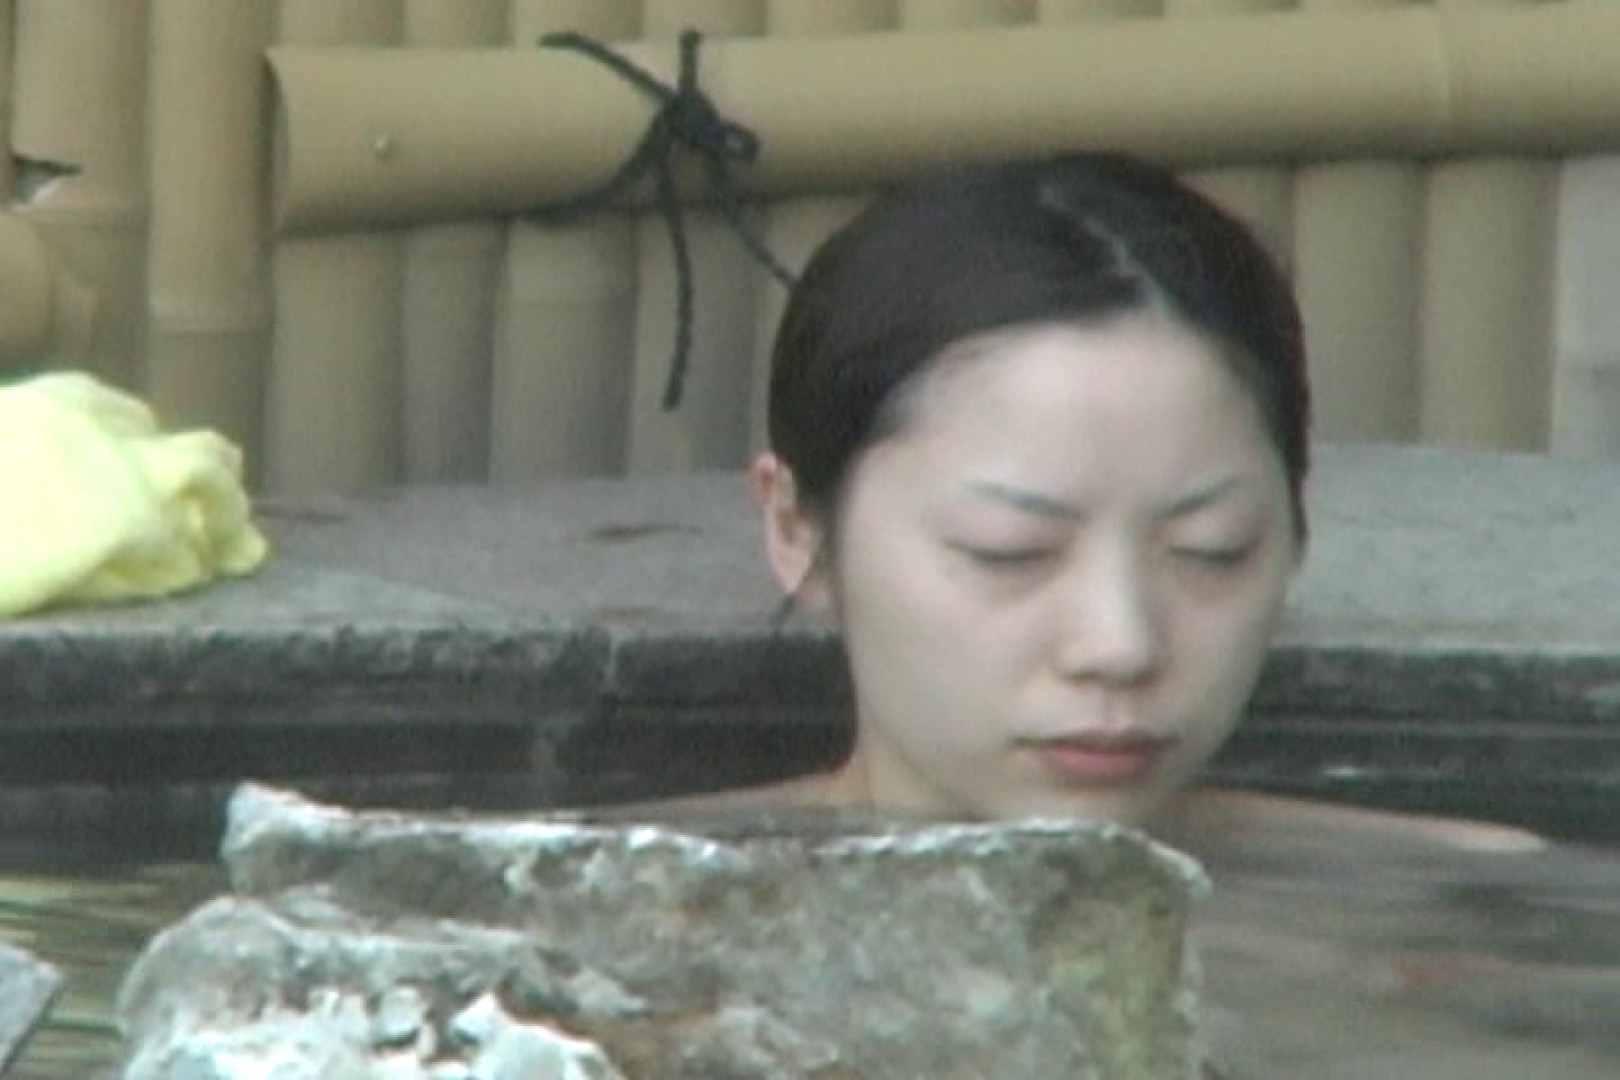 Aquaな露天風呂Vol.596 盗撮シリーズ  113PIX 44